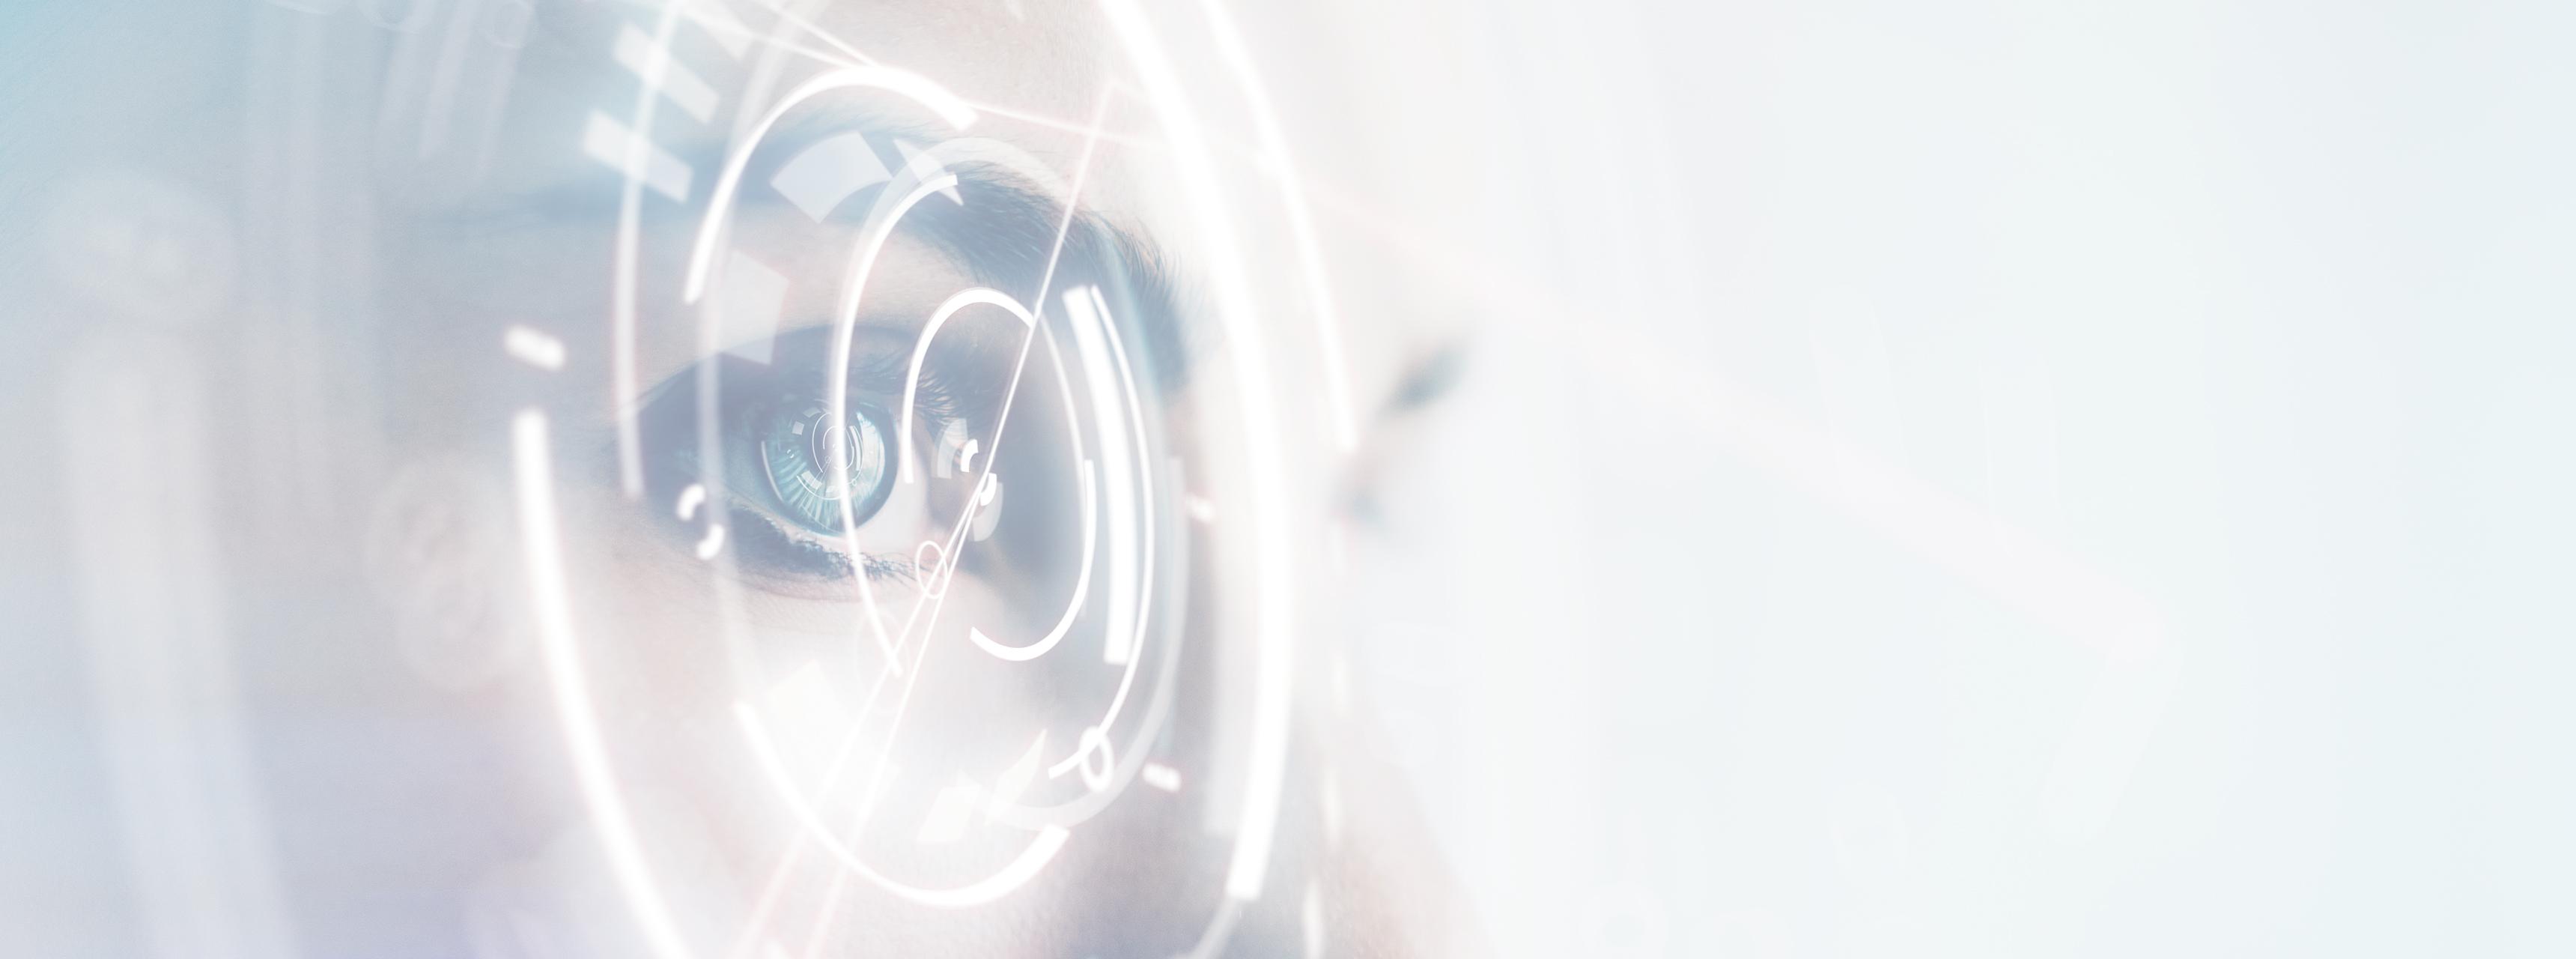 hogyan lehet feltárni a népi orvoslás látványát gyakorlat a látásélesség javítása érdekében